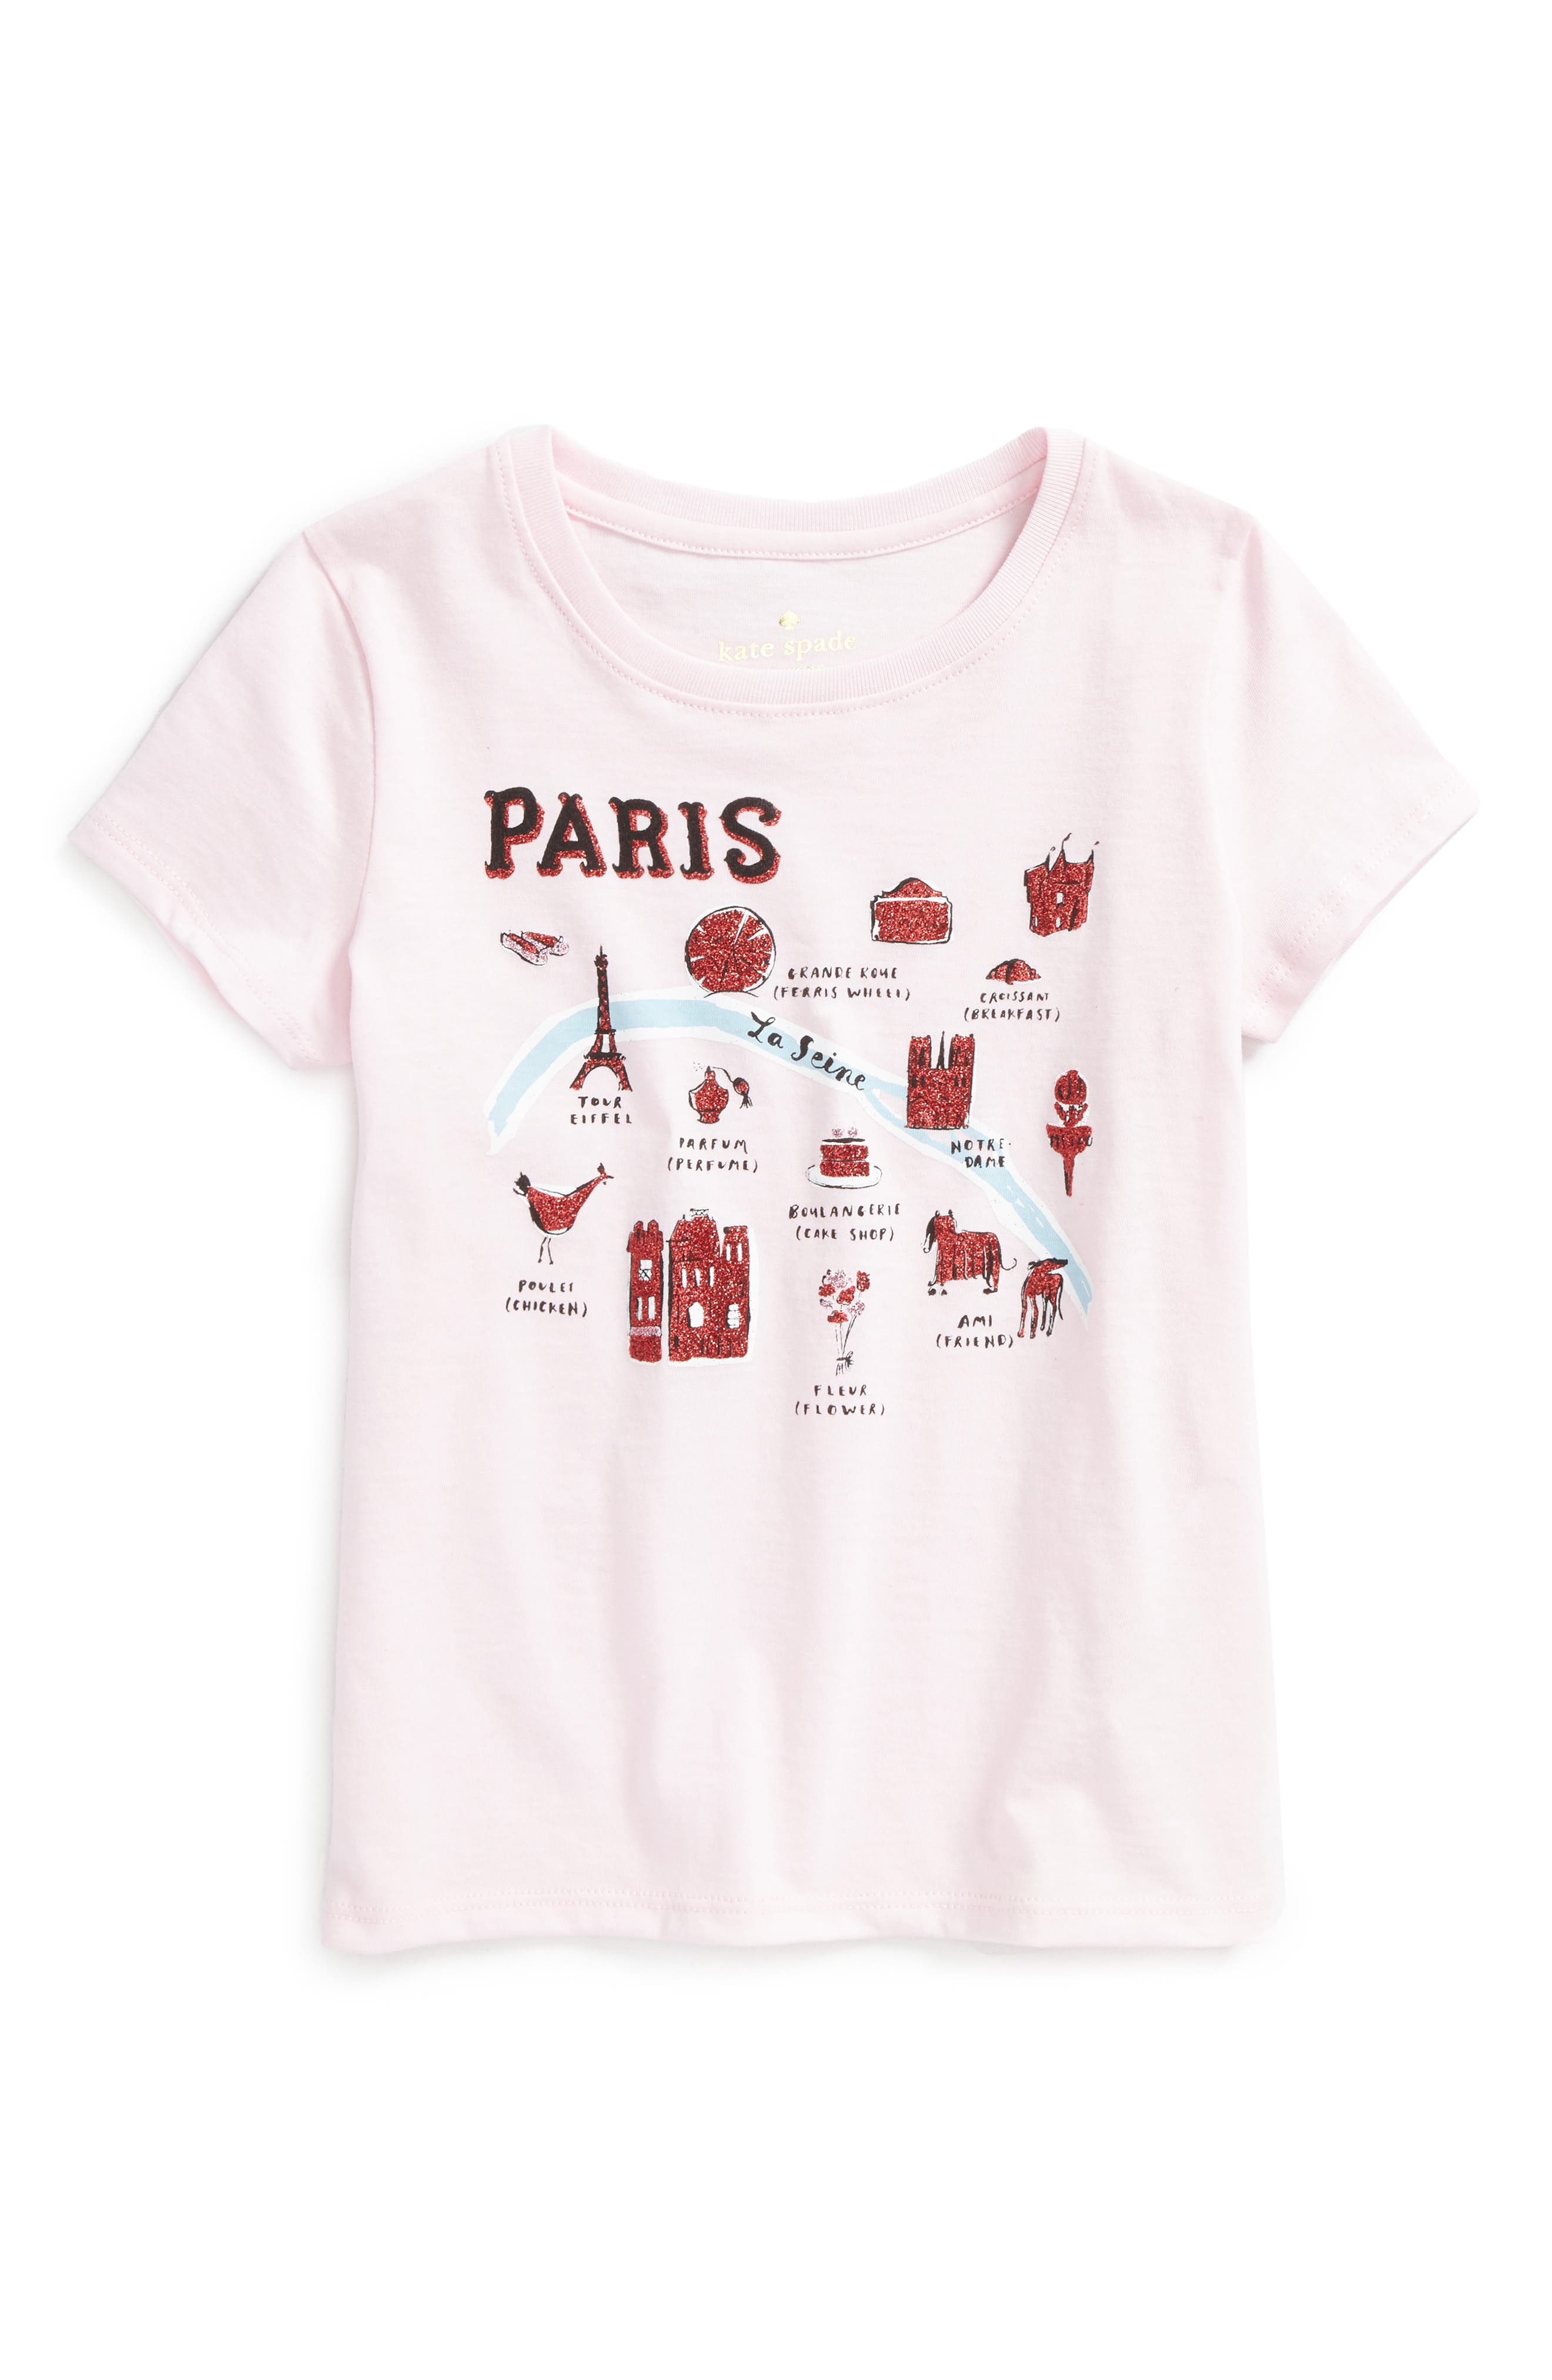 kate spade new york paris graphic tee (Toddler Girls & Little Girls)